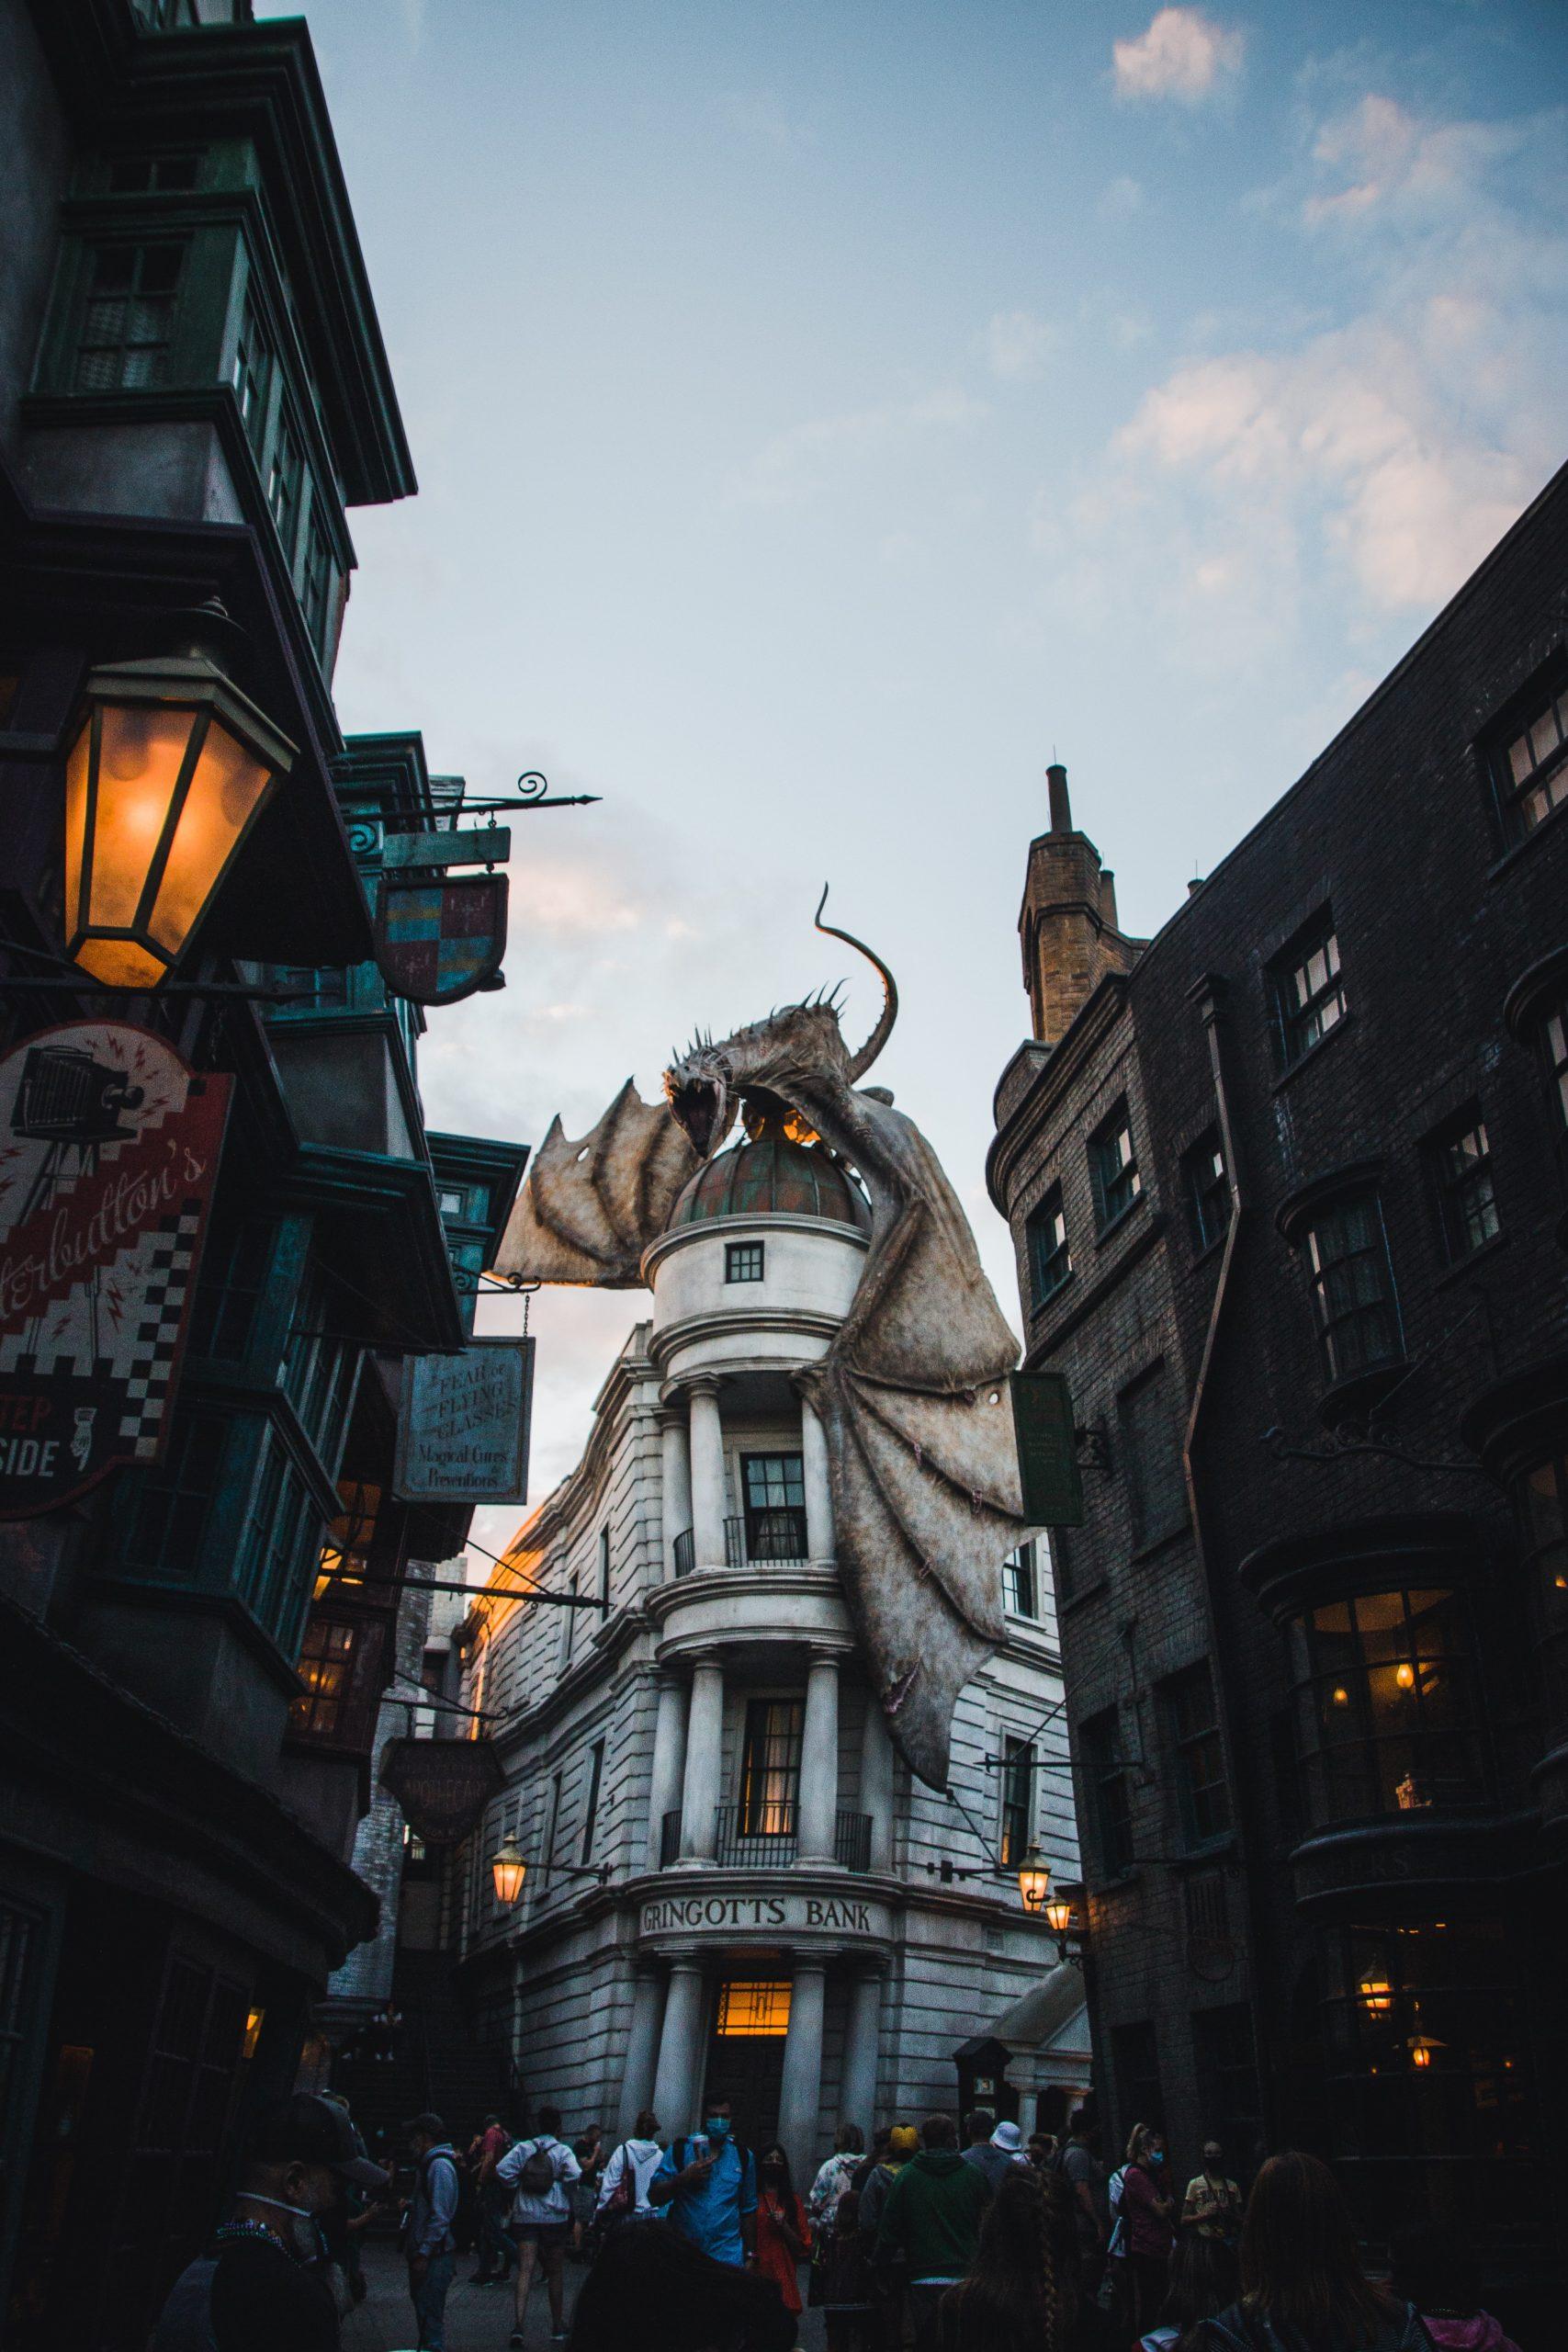 Bild der Gringotts Bank aus Harry Potter mit Drache